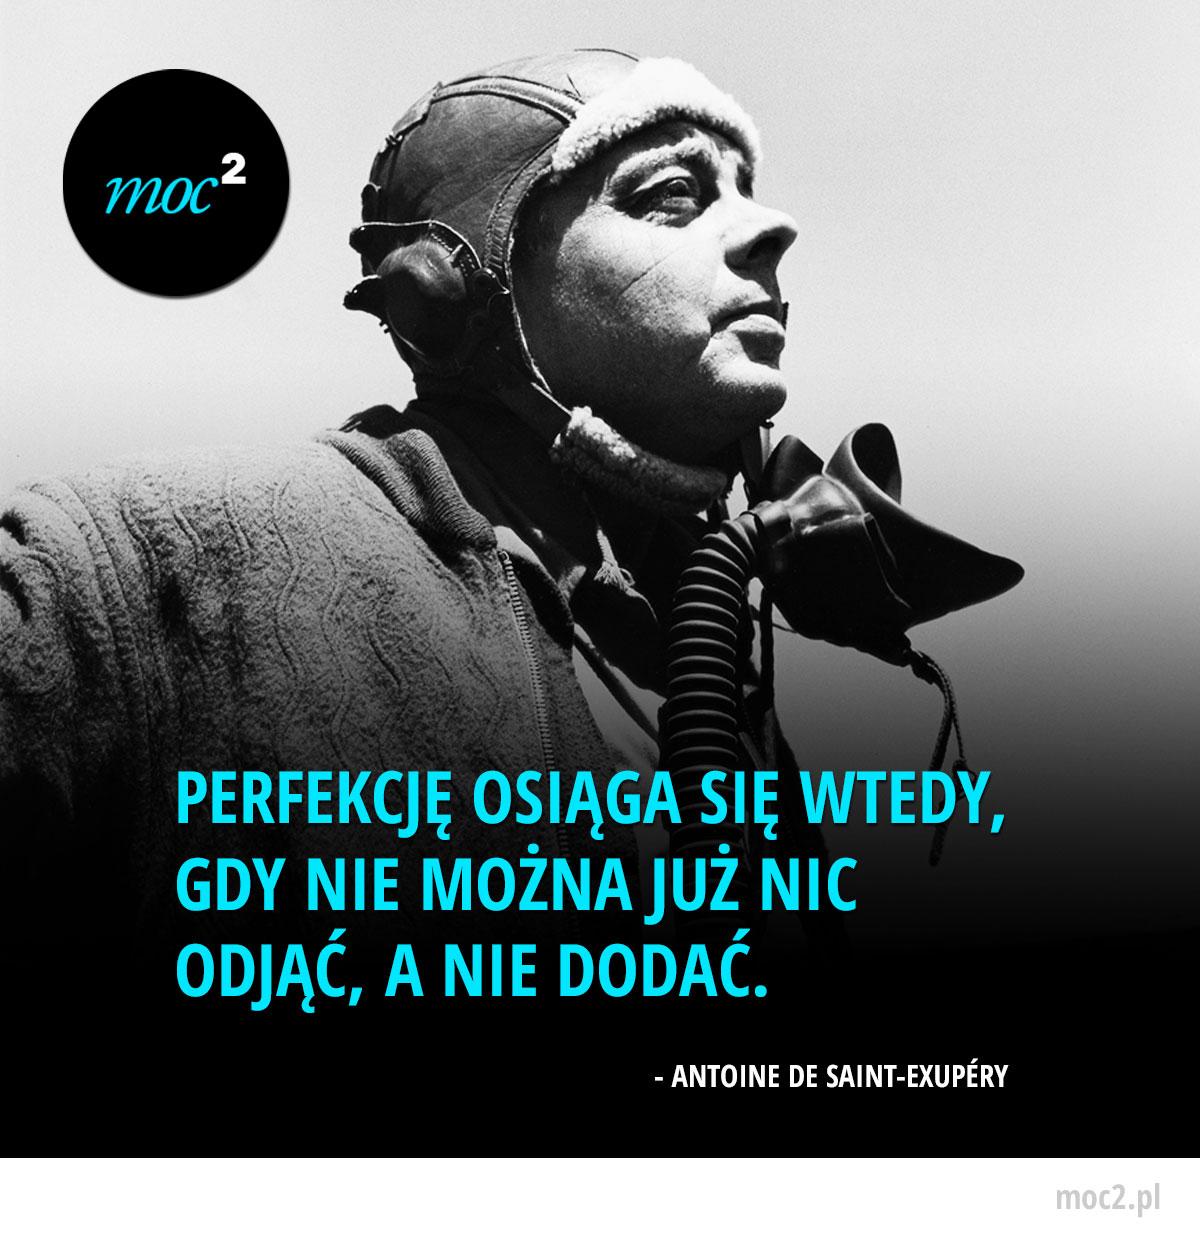 Perfekcję osiąga się wtedy, gdy nie można już nic odjąć, a nie dodać. - Antoine de Saint-Exupéry